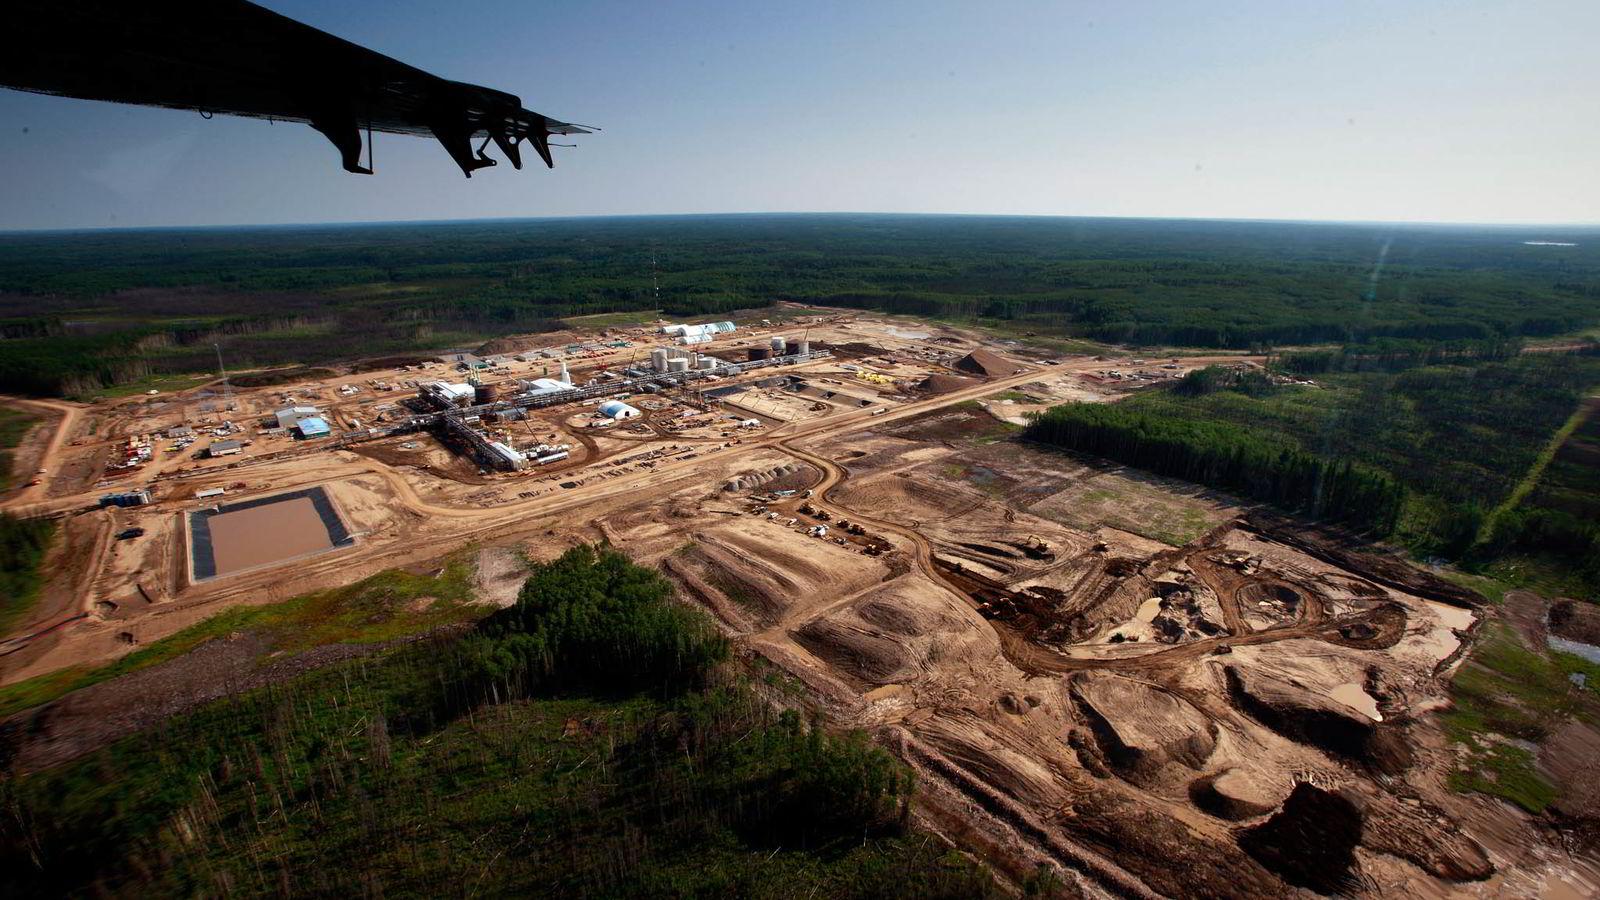 OMSTRIDT. Statoils oljesandprosjekt i Athabasca i Canada er et eksempel på en viktig debatt der staten som aksjonær avstår fra å ha en mening. Foto: Ørjan F. Ellingvåg